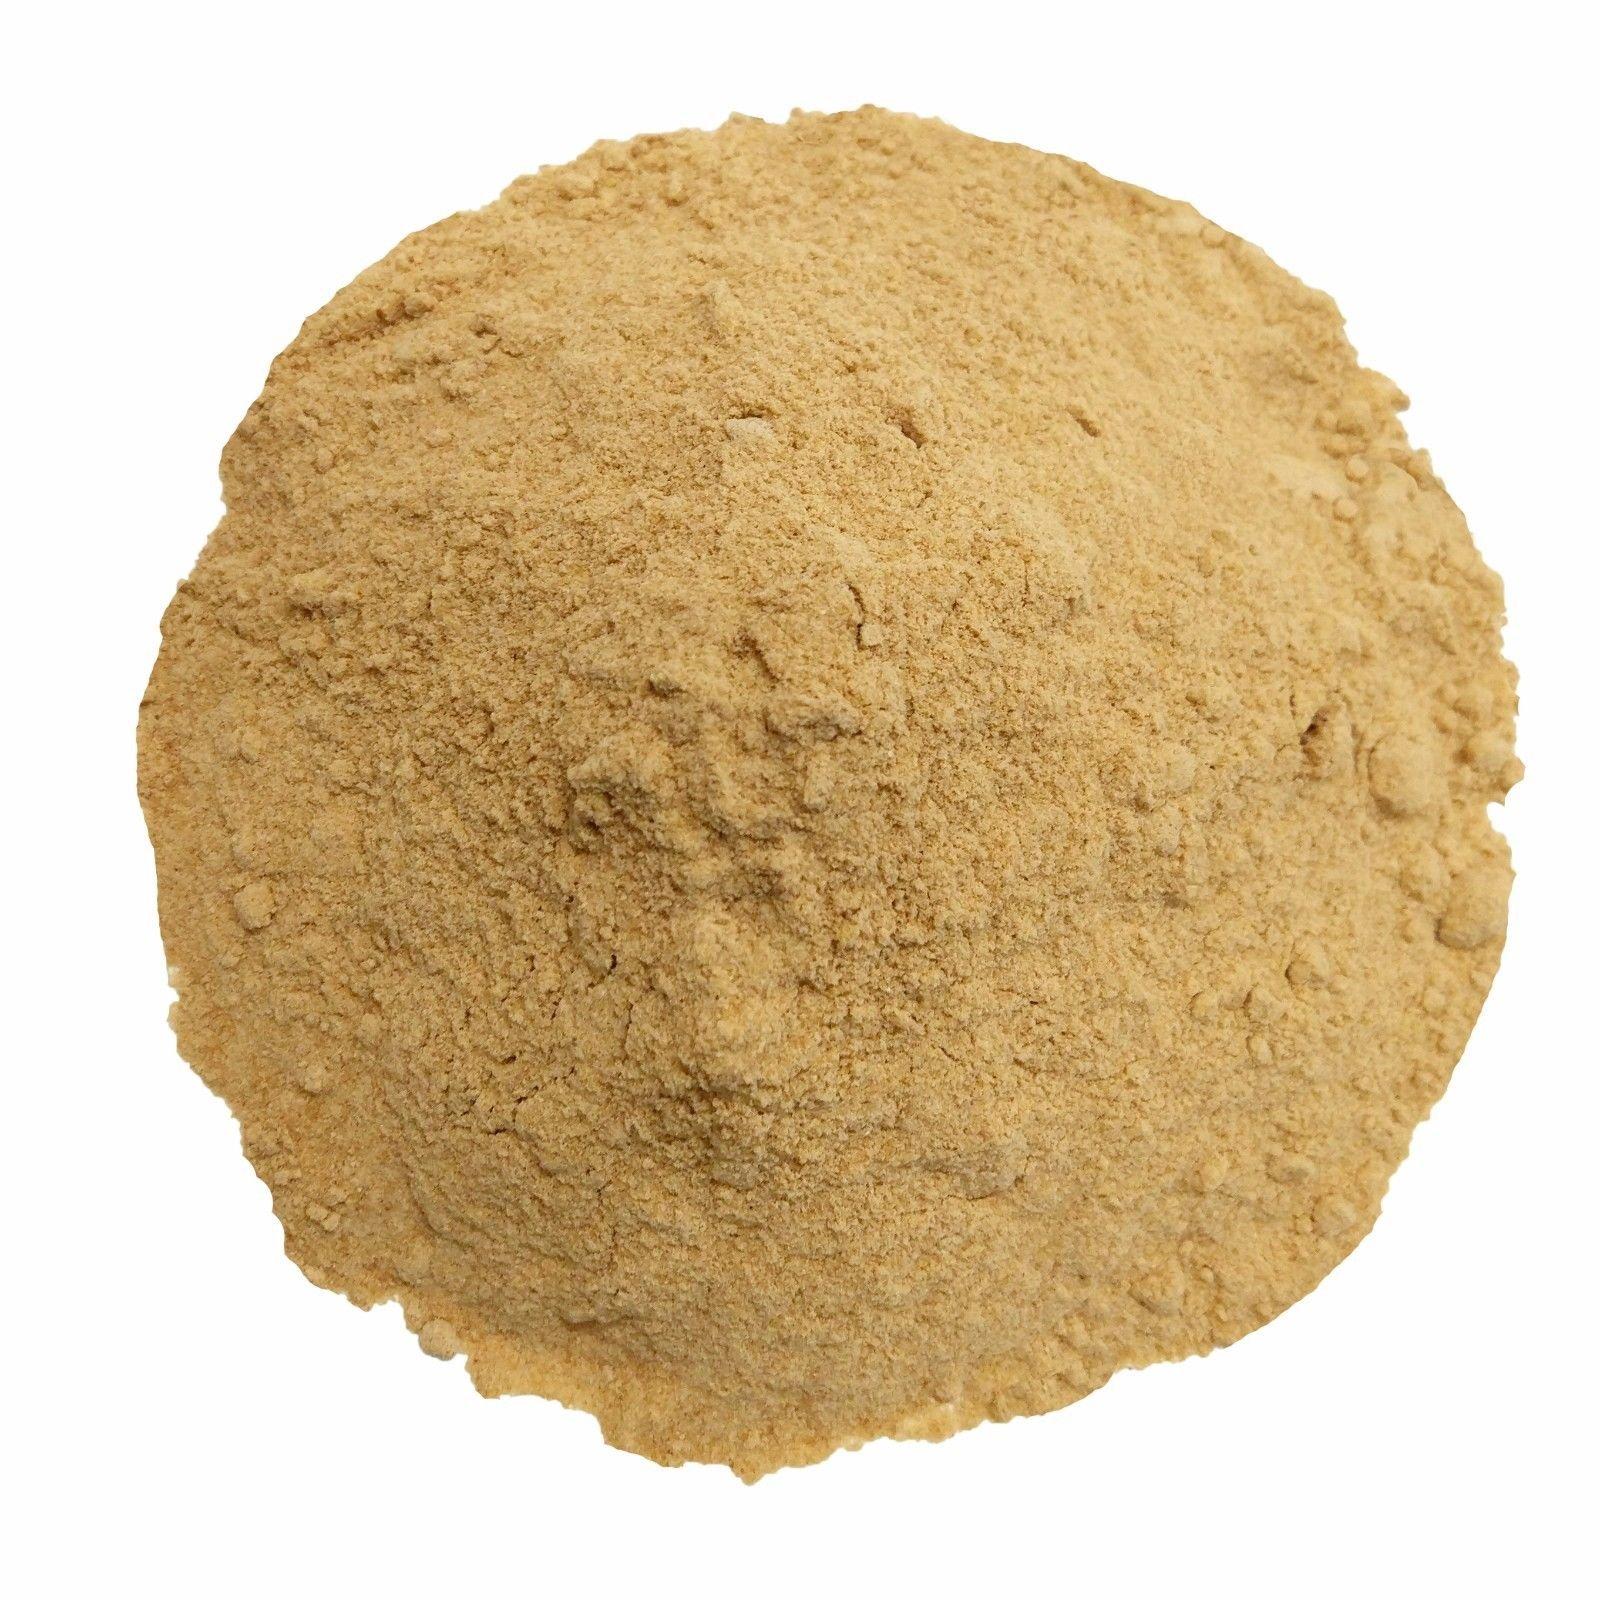 Food to Live Certified Organic Maca Powder (Gelatinized, Non-GMO, Kosher, Bulk) (44 Pounds)